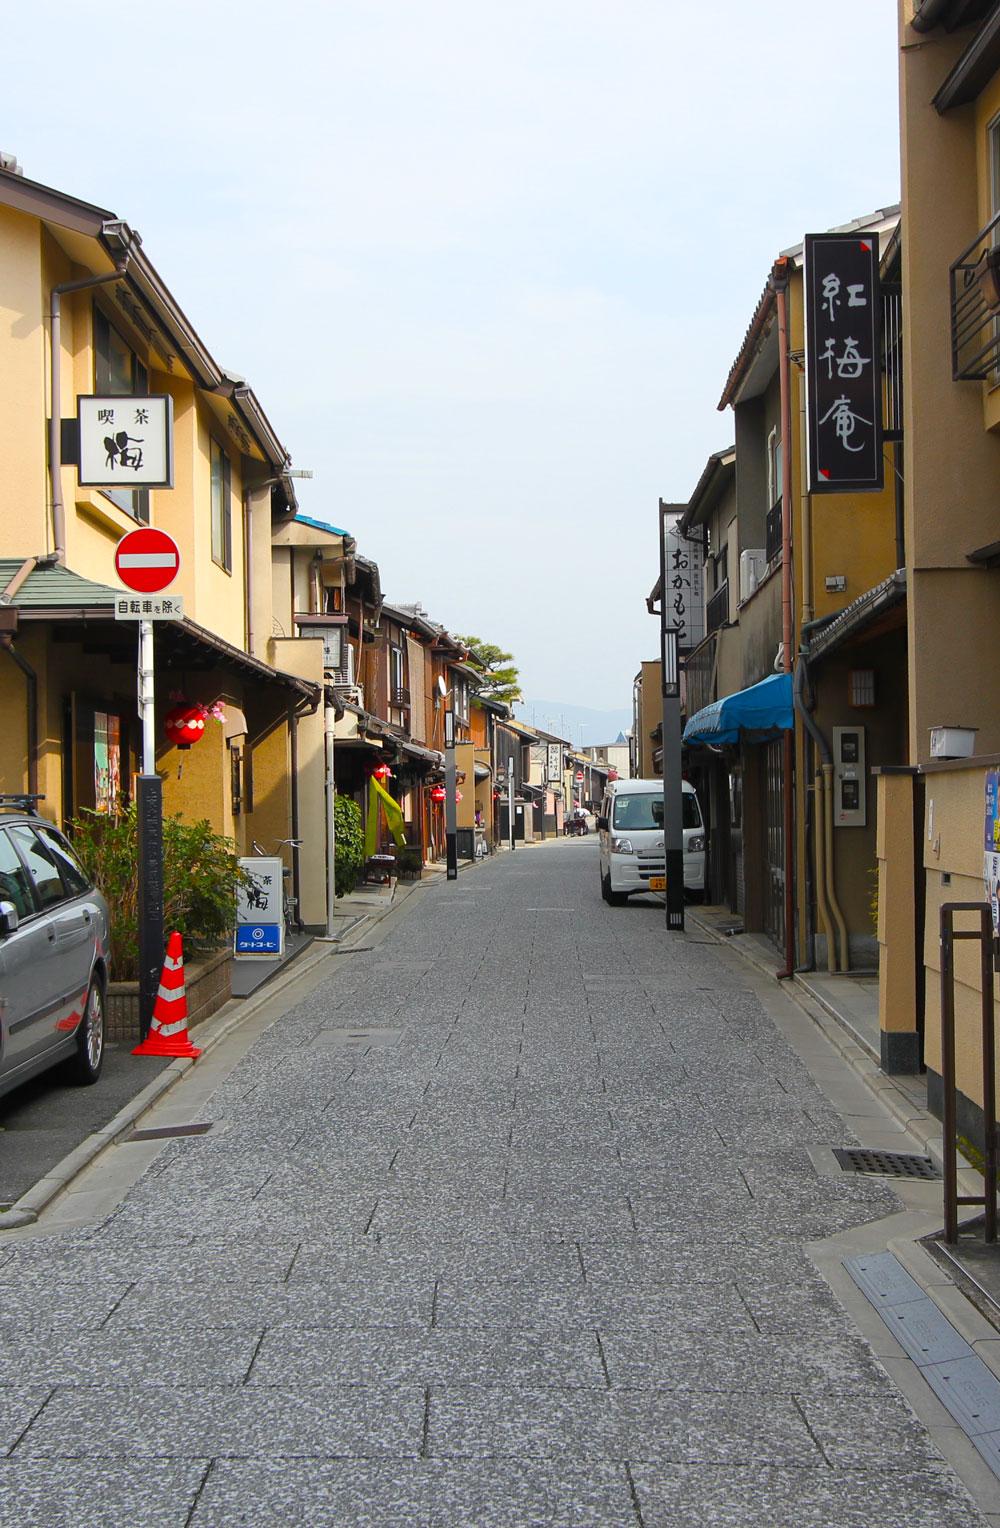 石畳の道に日本家屋が立ち並びます。